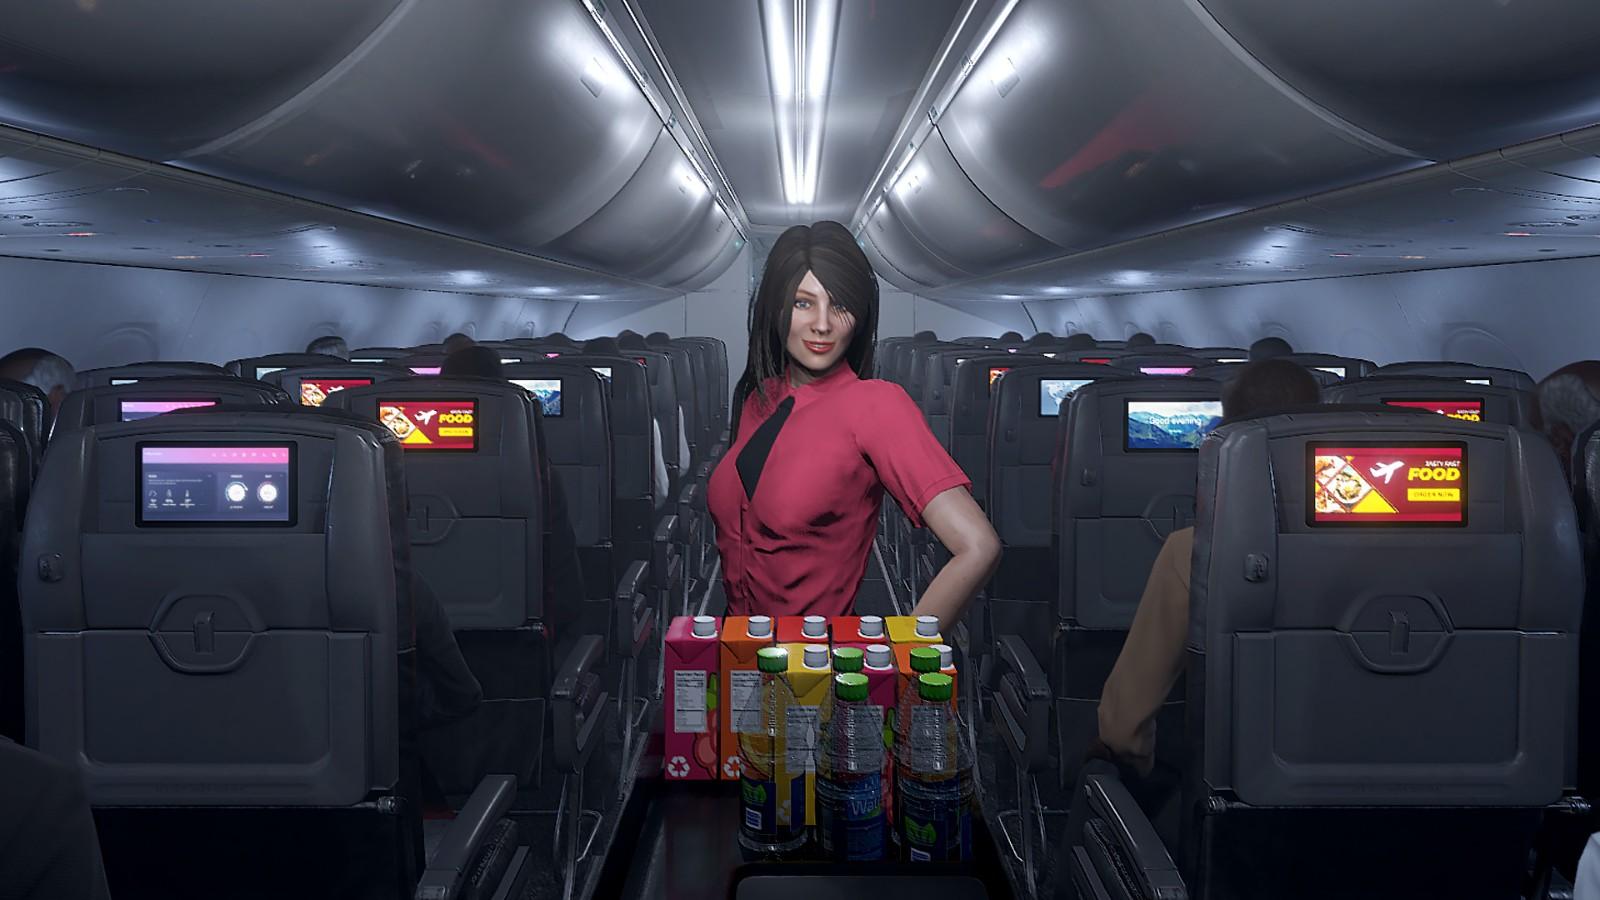 空姐模拟器来了!《空姐环游世界》上架Steam